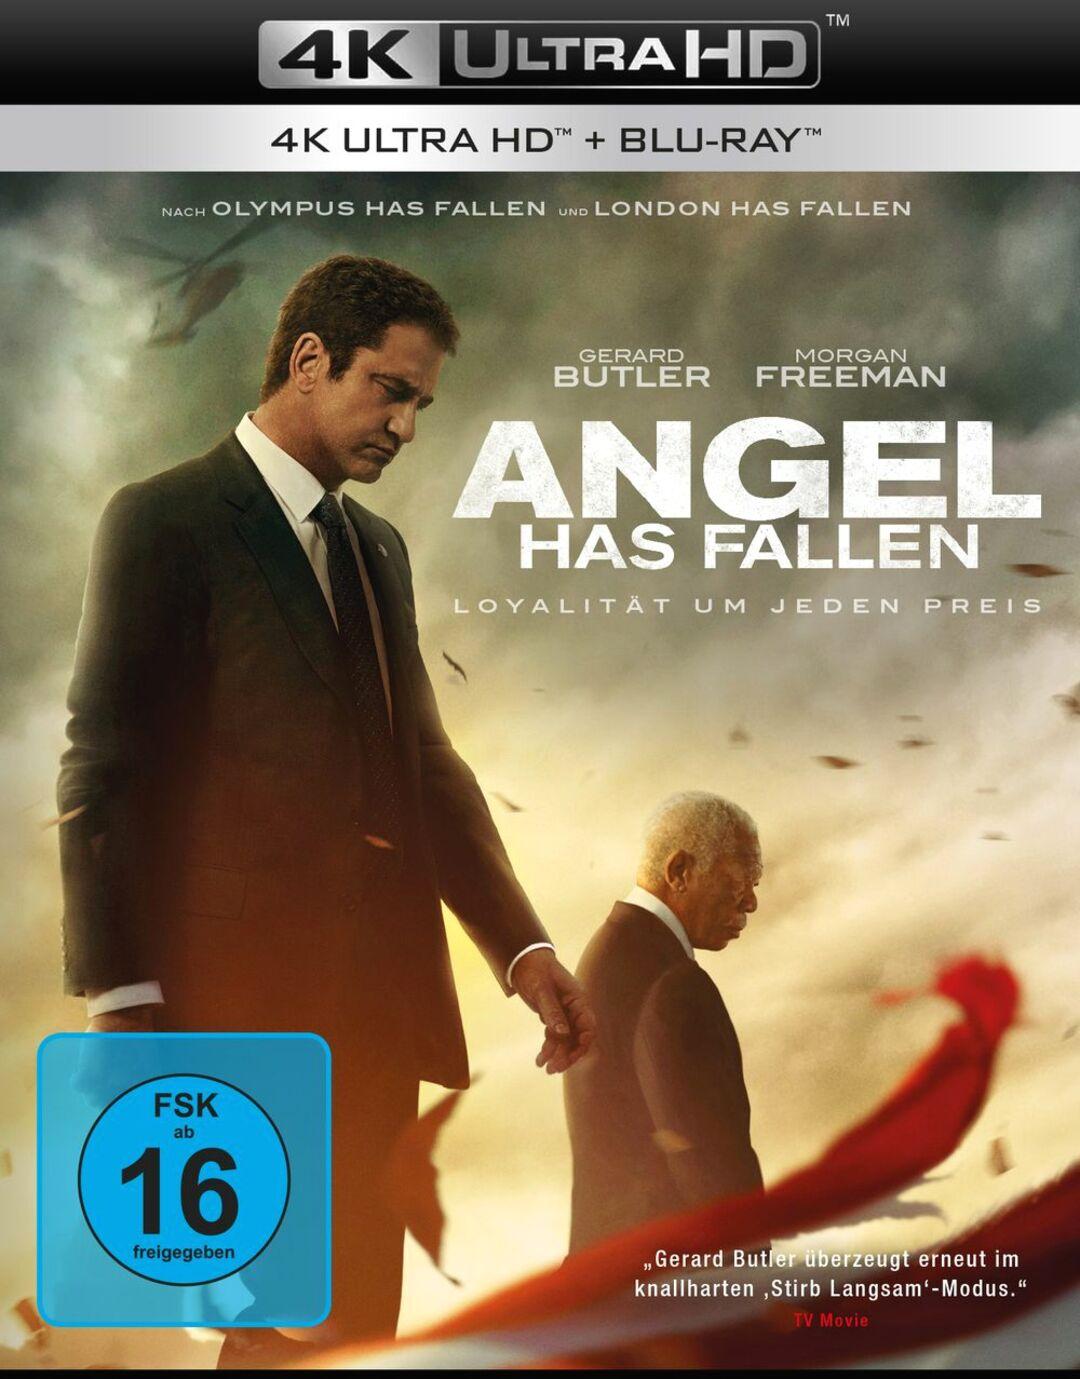 Angel Has Fallen: Heimkino-Start-Termin steht fest - Bild 1 von 10